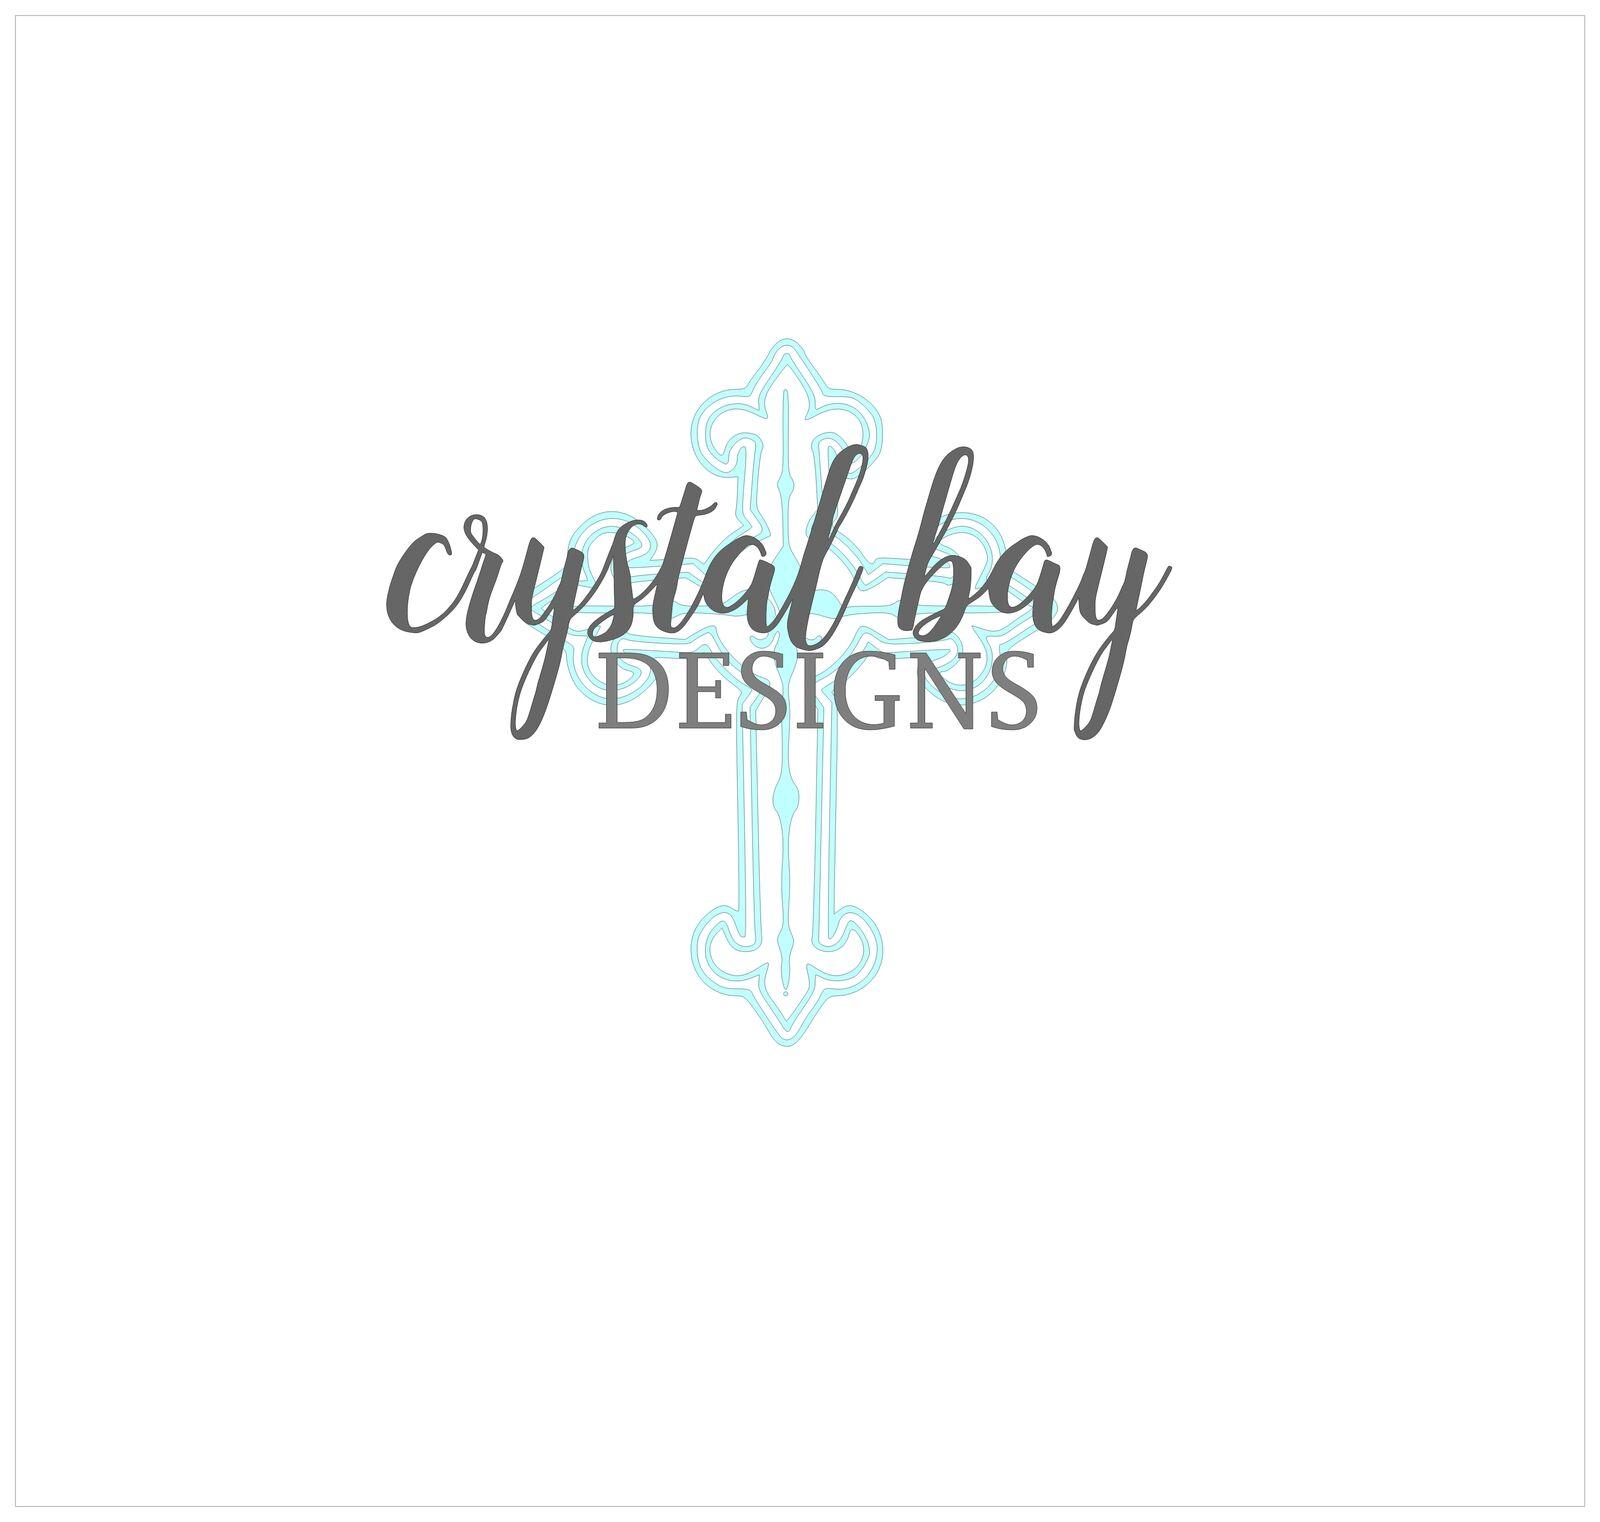 Crystal Bay Designs